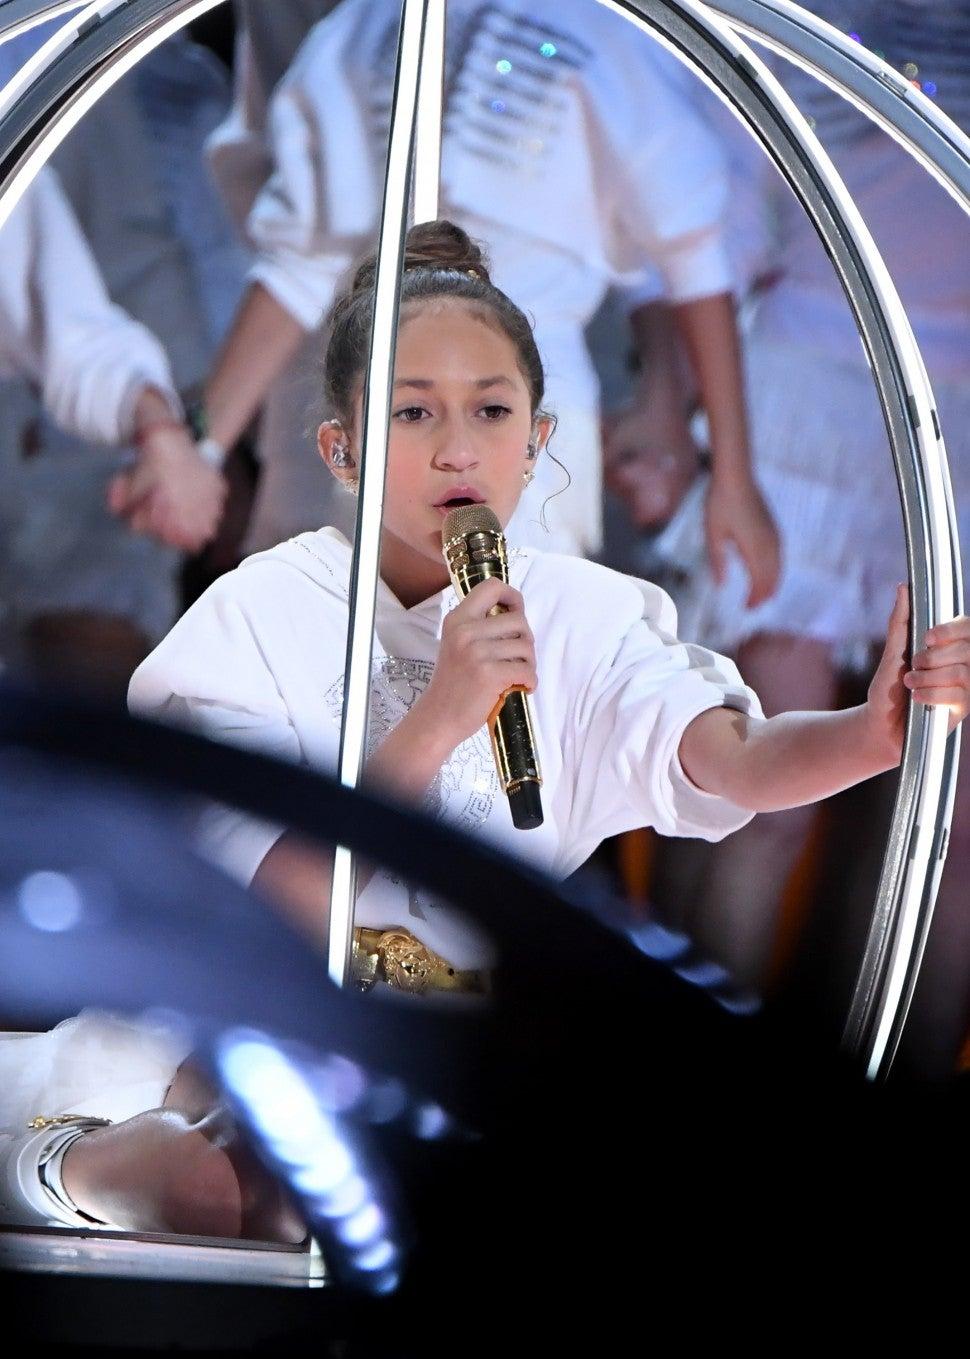 Jennifer Lopez's daughter Emme